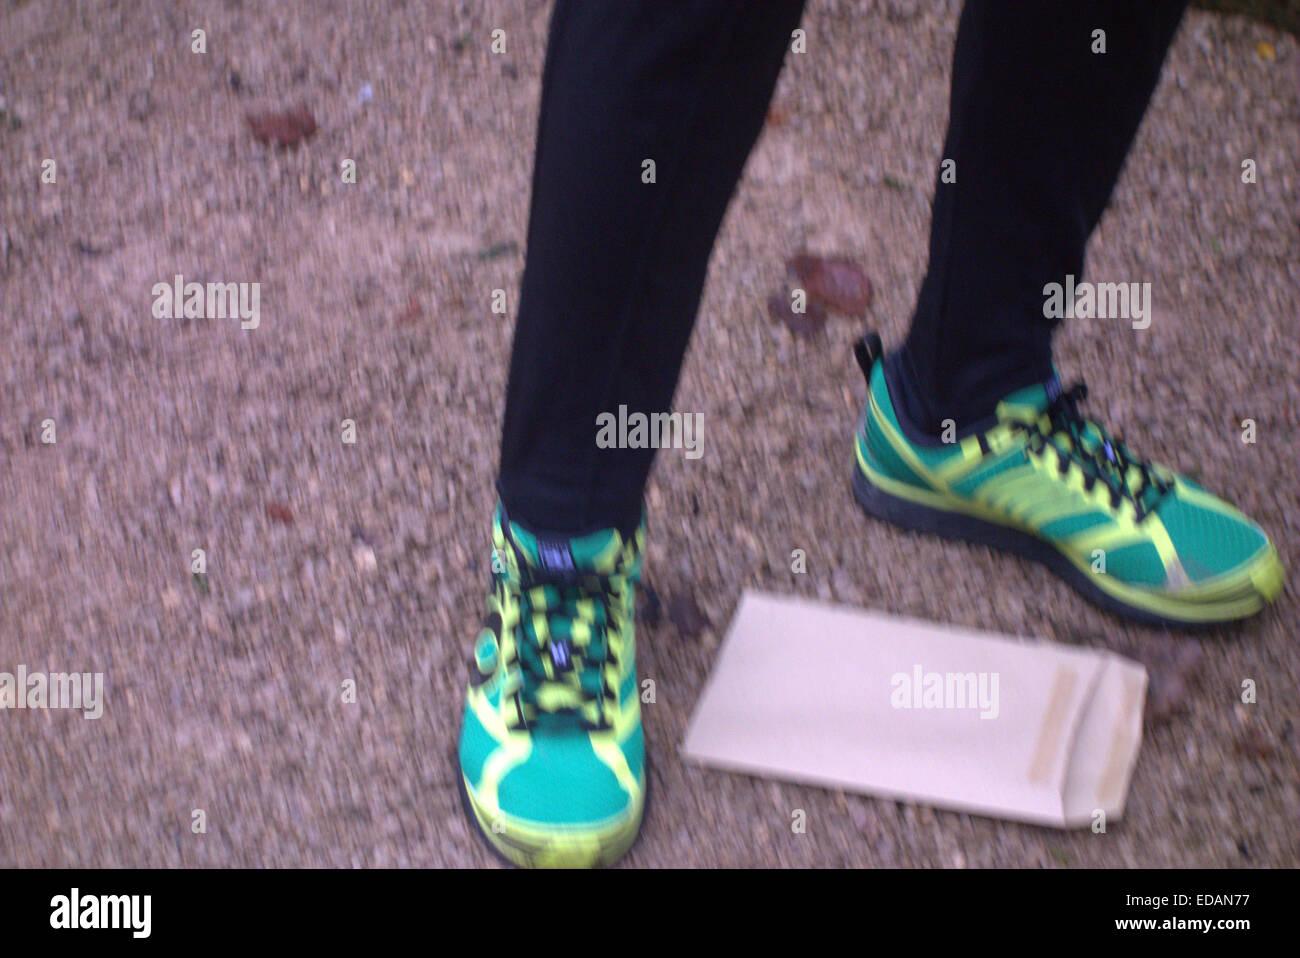 Alamy Cliveden an einem nebligen & frostigen Januar Morgen statt der Burnham Jogger ihre jährliche 10k laufen, nicht Stockfoto